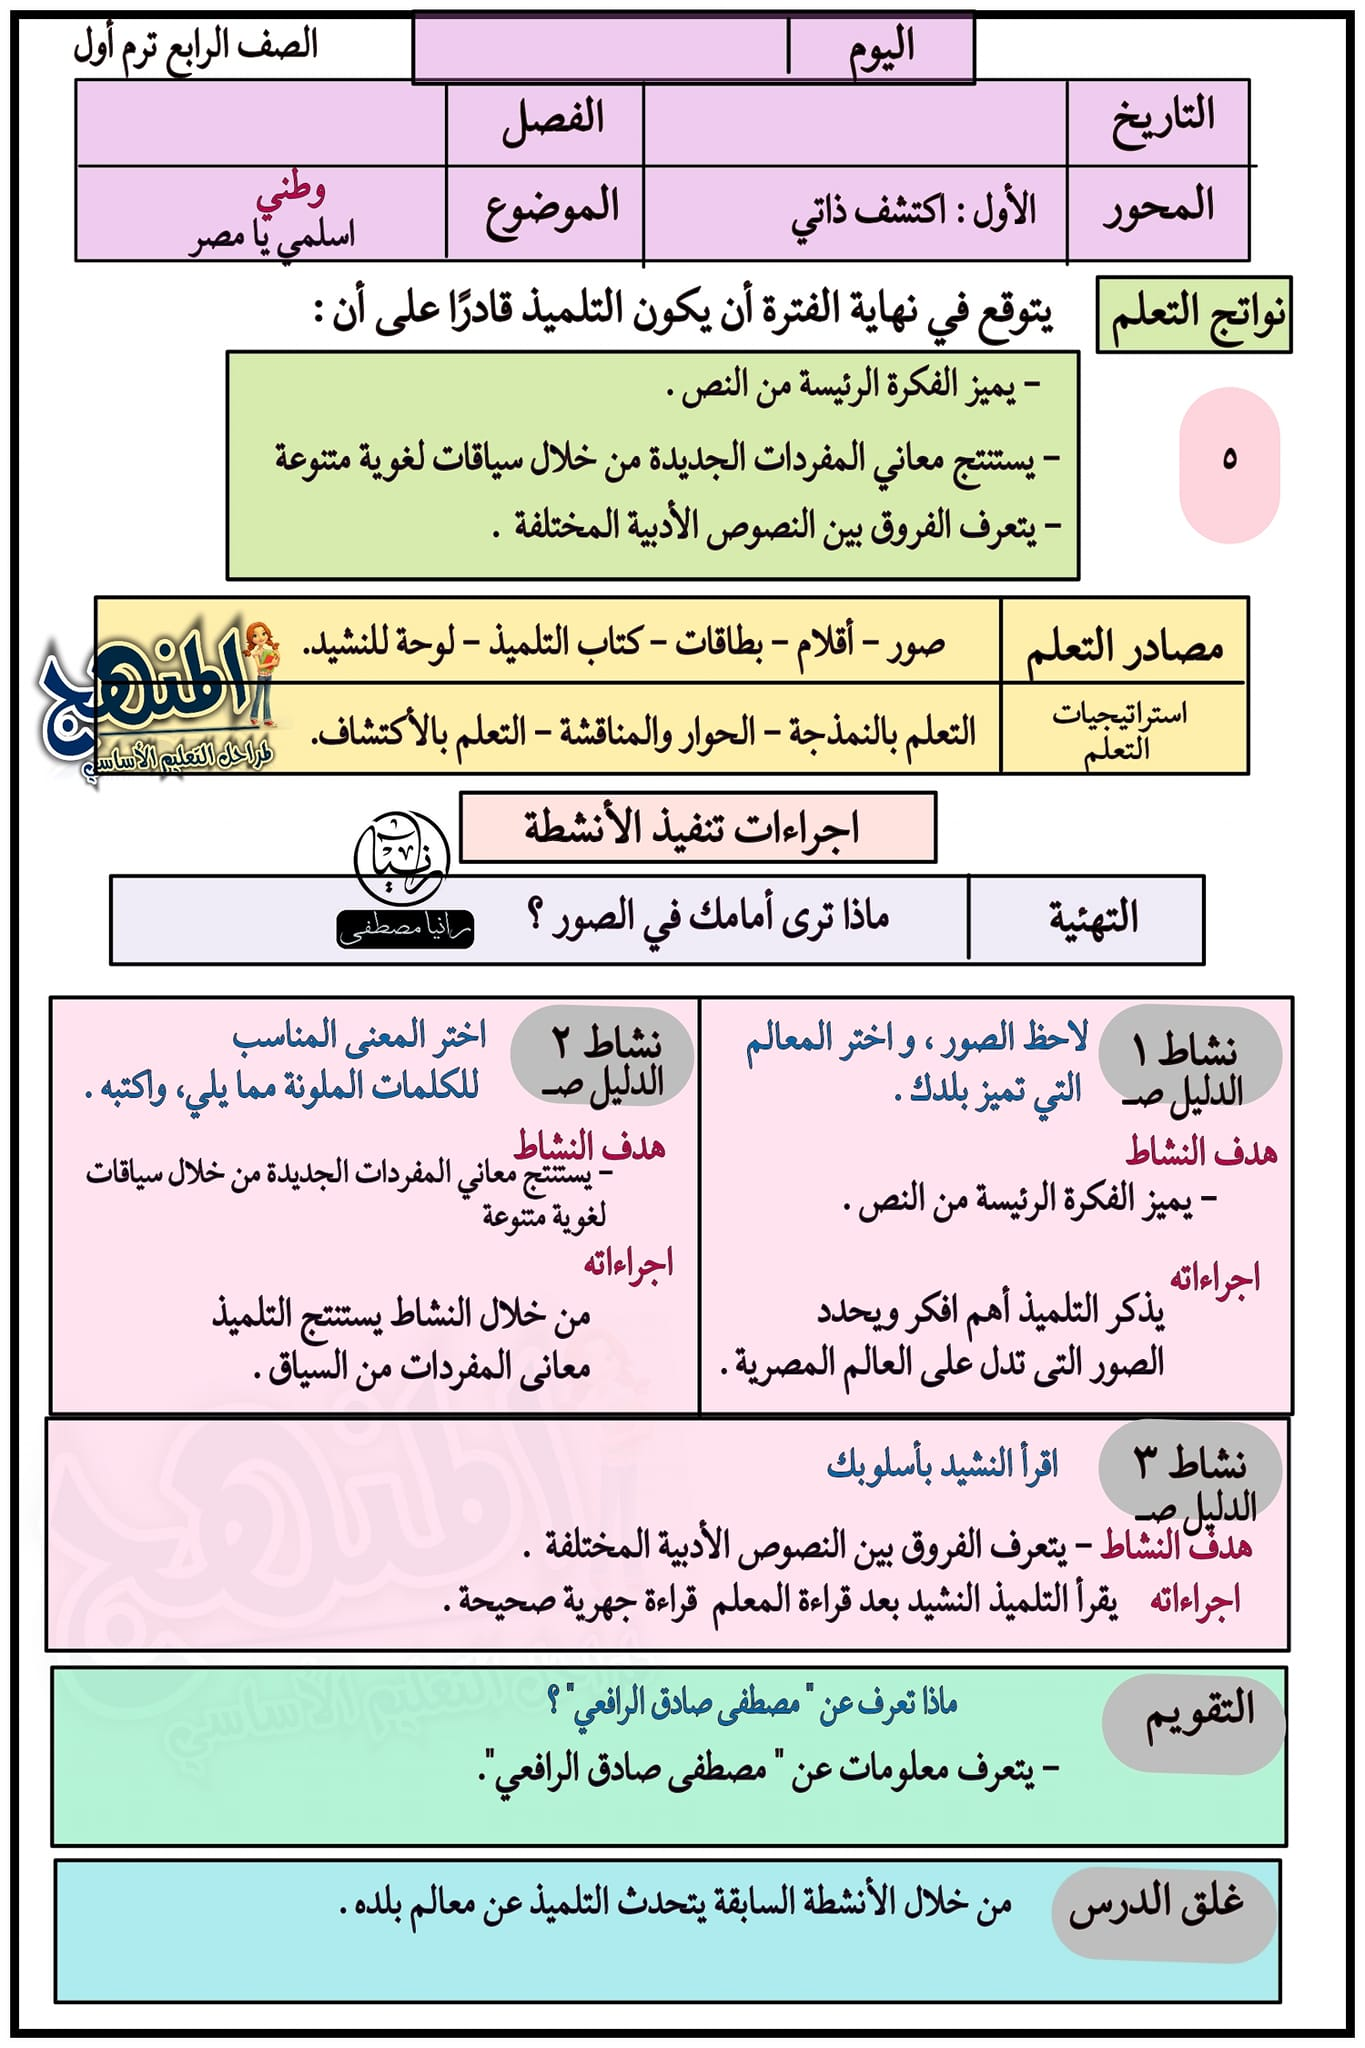 نموذج تحضير دروس اللغة العربية الصف الرابع الابتدائي الترم الاول 2022 pdf